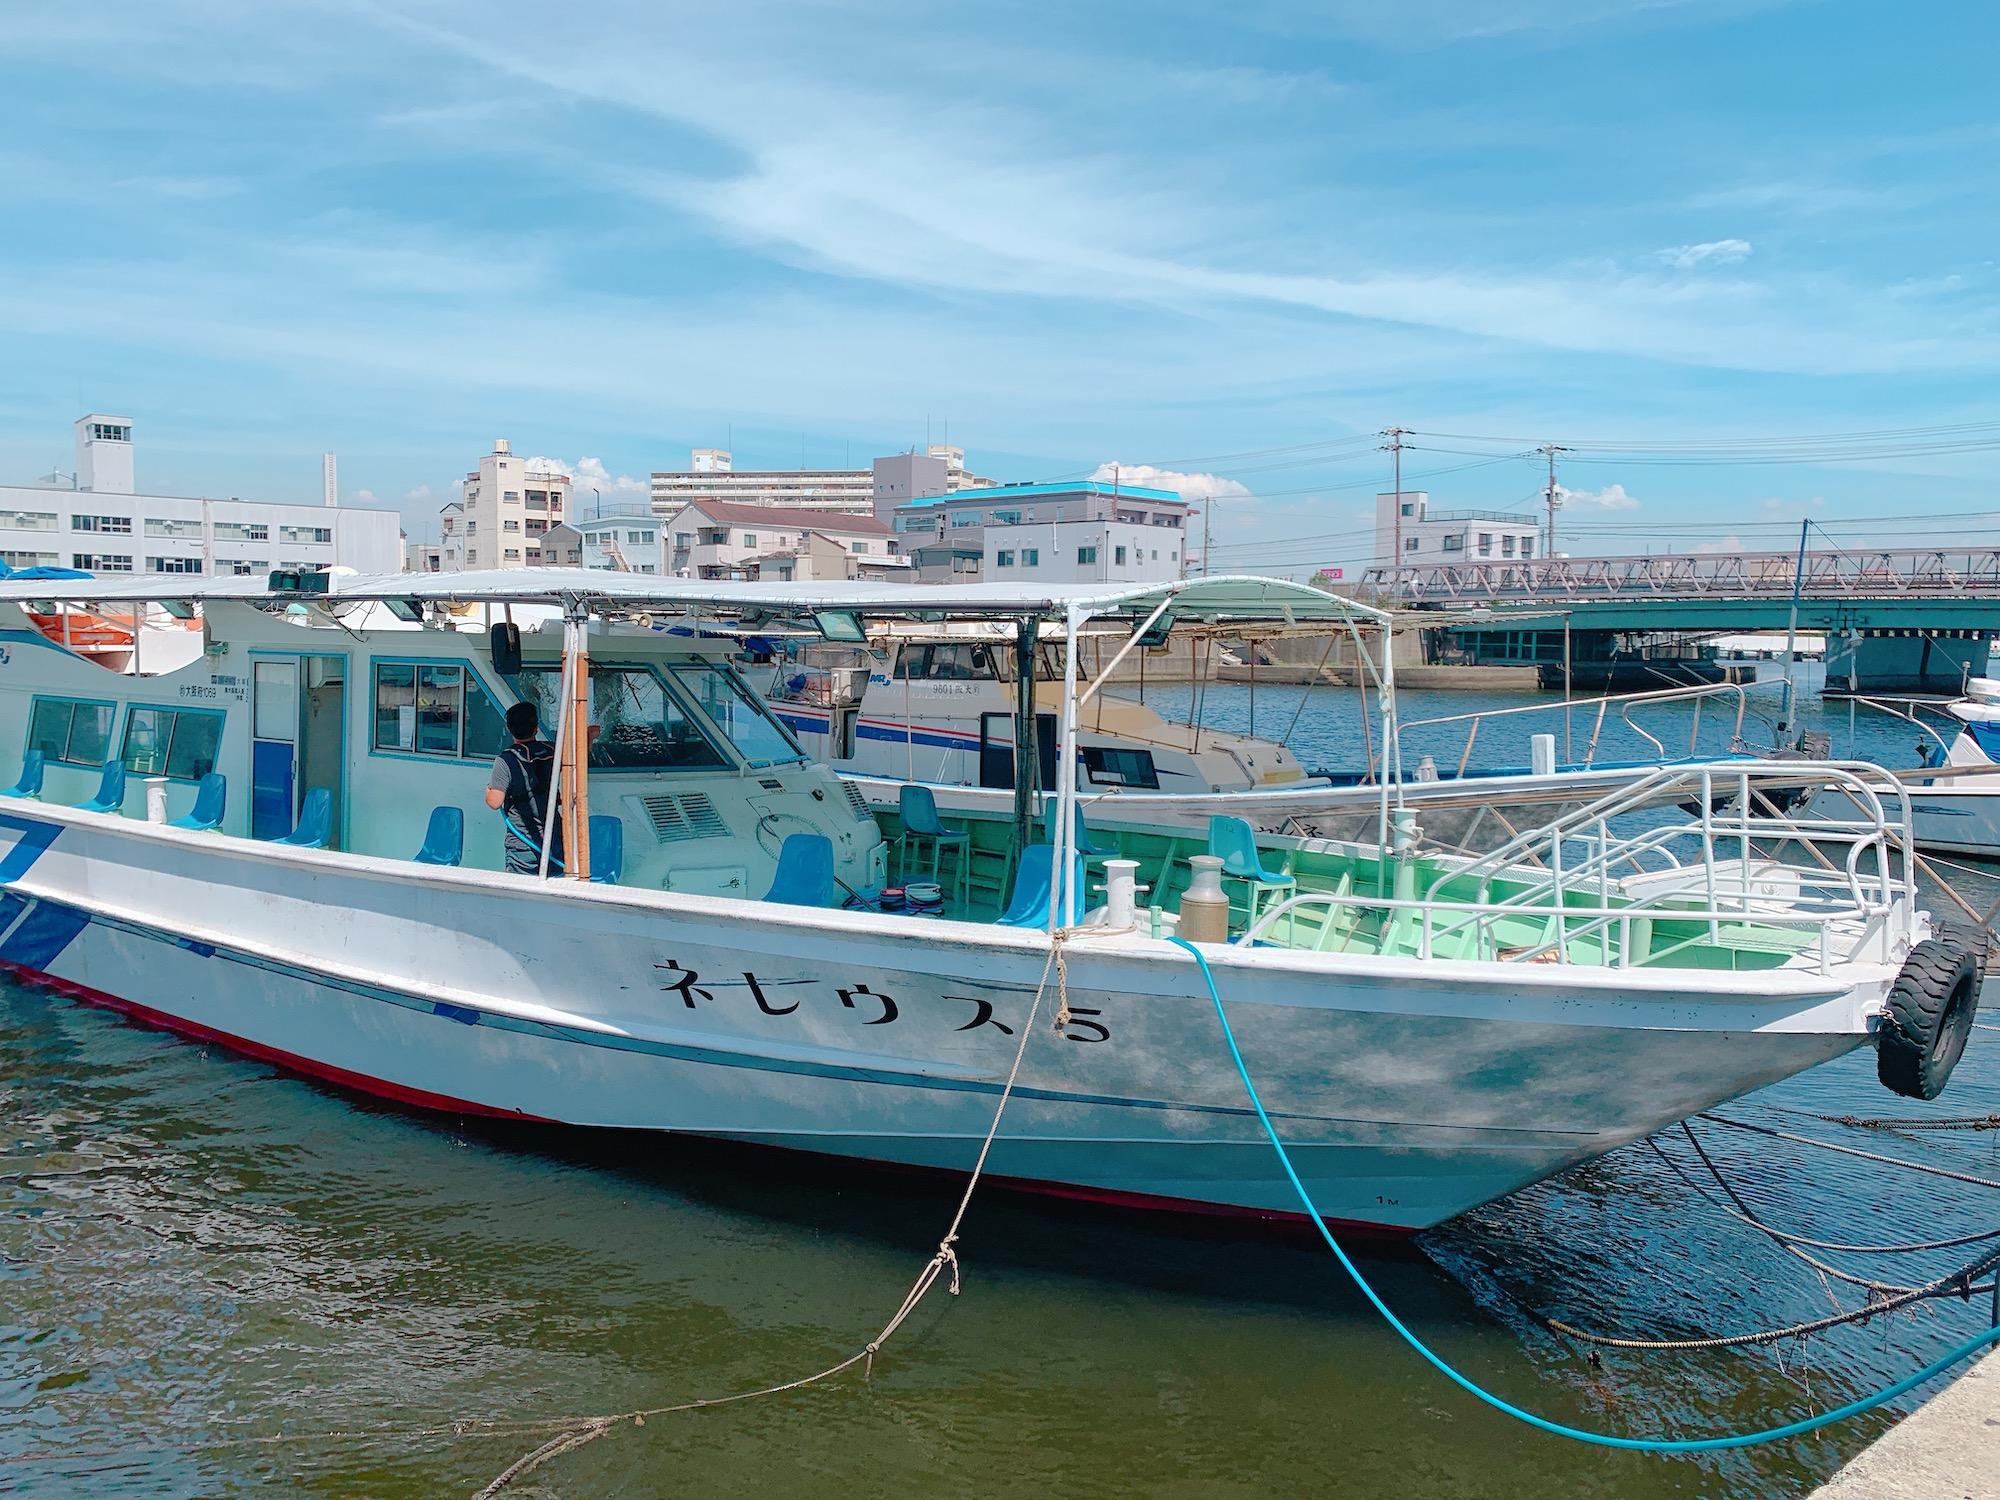 ヤザワ渡船<i>YAZAWA TOSEN</i>のアイキャッチ画像